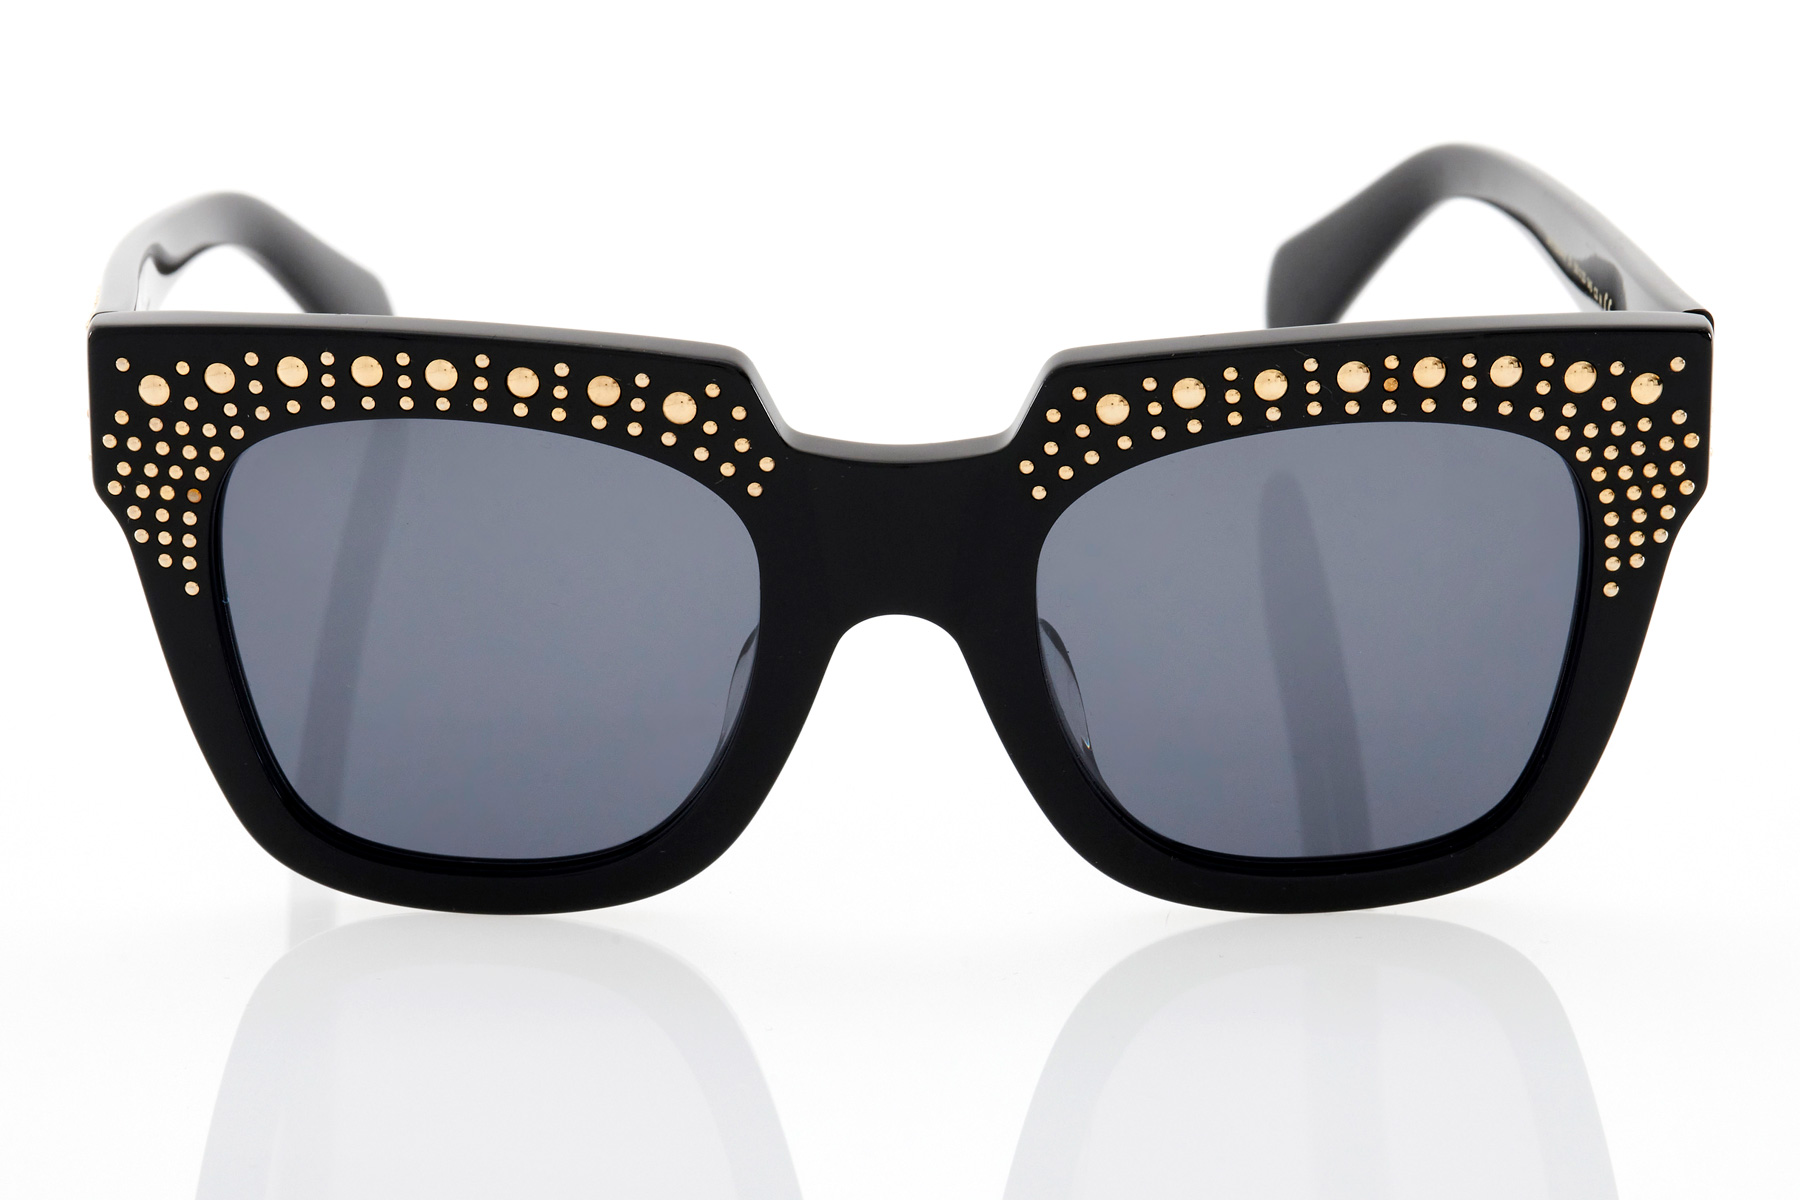 Μαύρα Γυναικεία Γυαλιά Ηλίου Hawkers Bijoux Mondaine